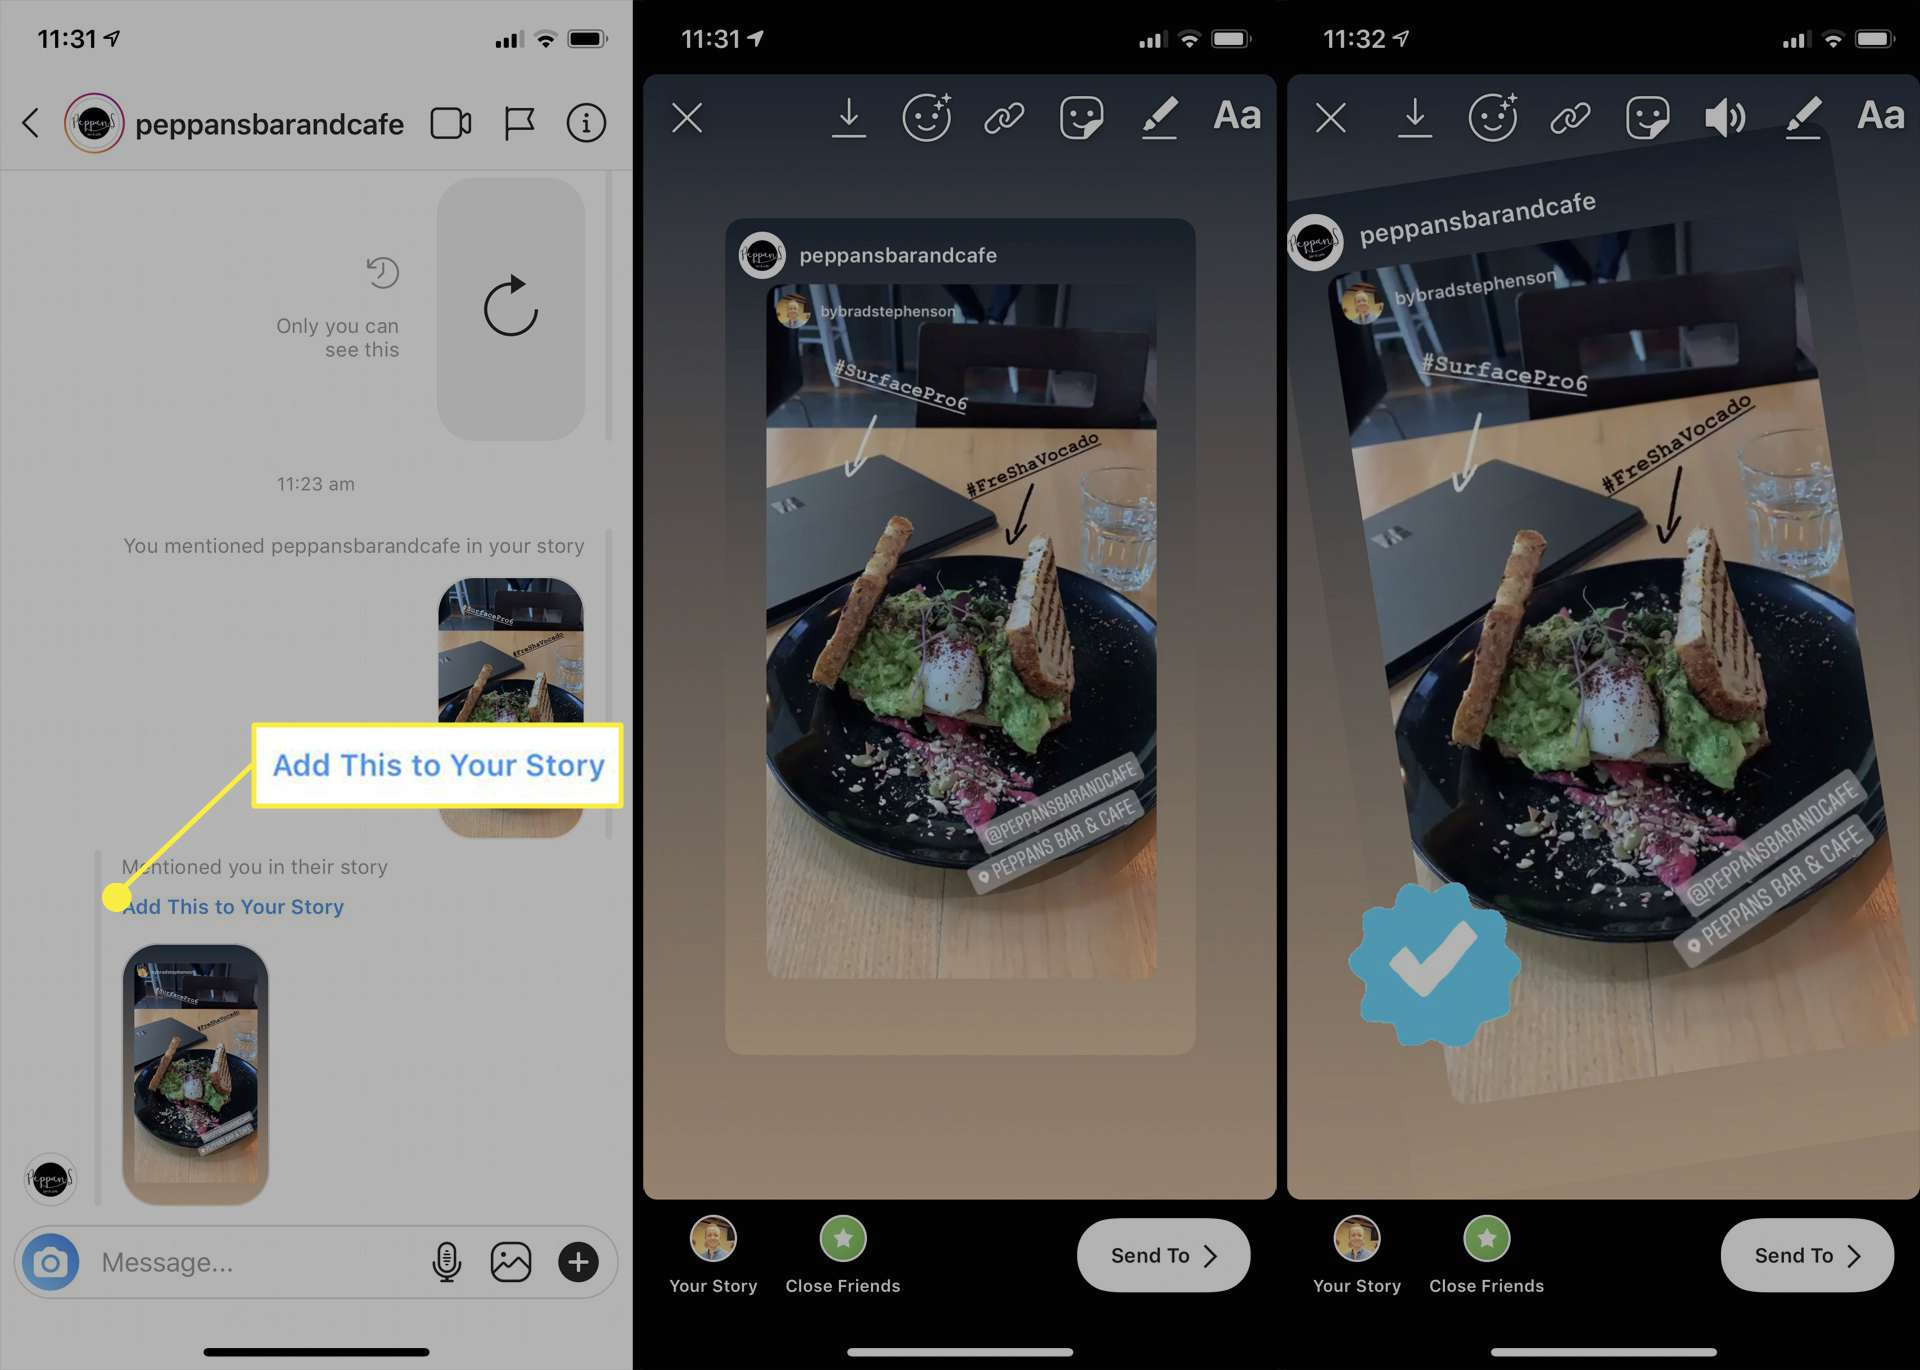 مشاركة قصة Instagram في تطبيق Instagram على iPhone.